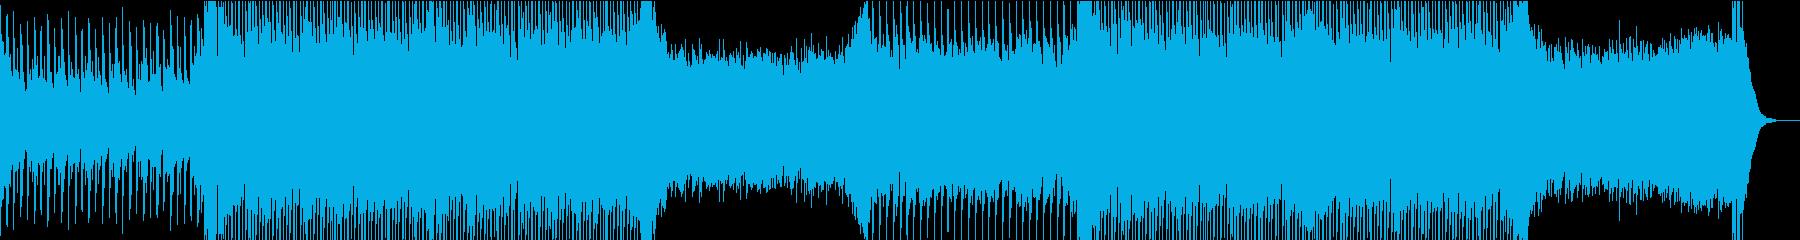 アジアン/EDM/明るいPOPの再生済みの波形